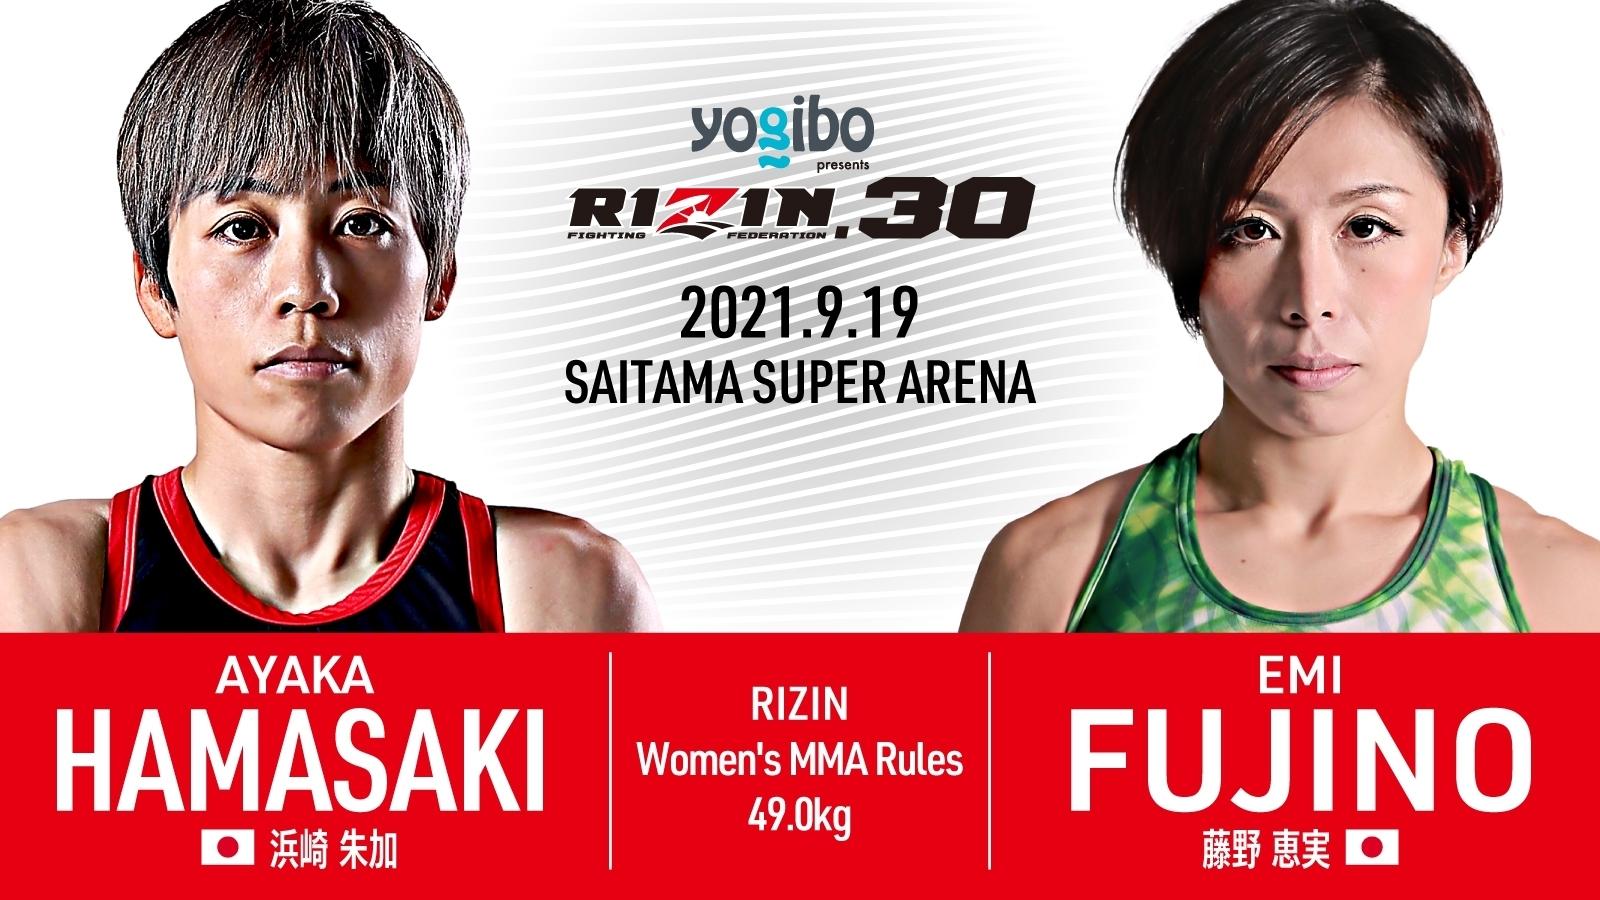 二度目の対戦となる浜崎朱加 vs. 藤野恵実  (C)RIZIN FF